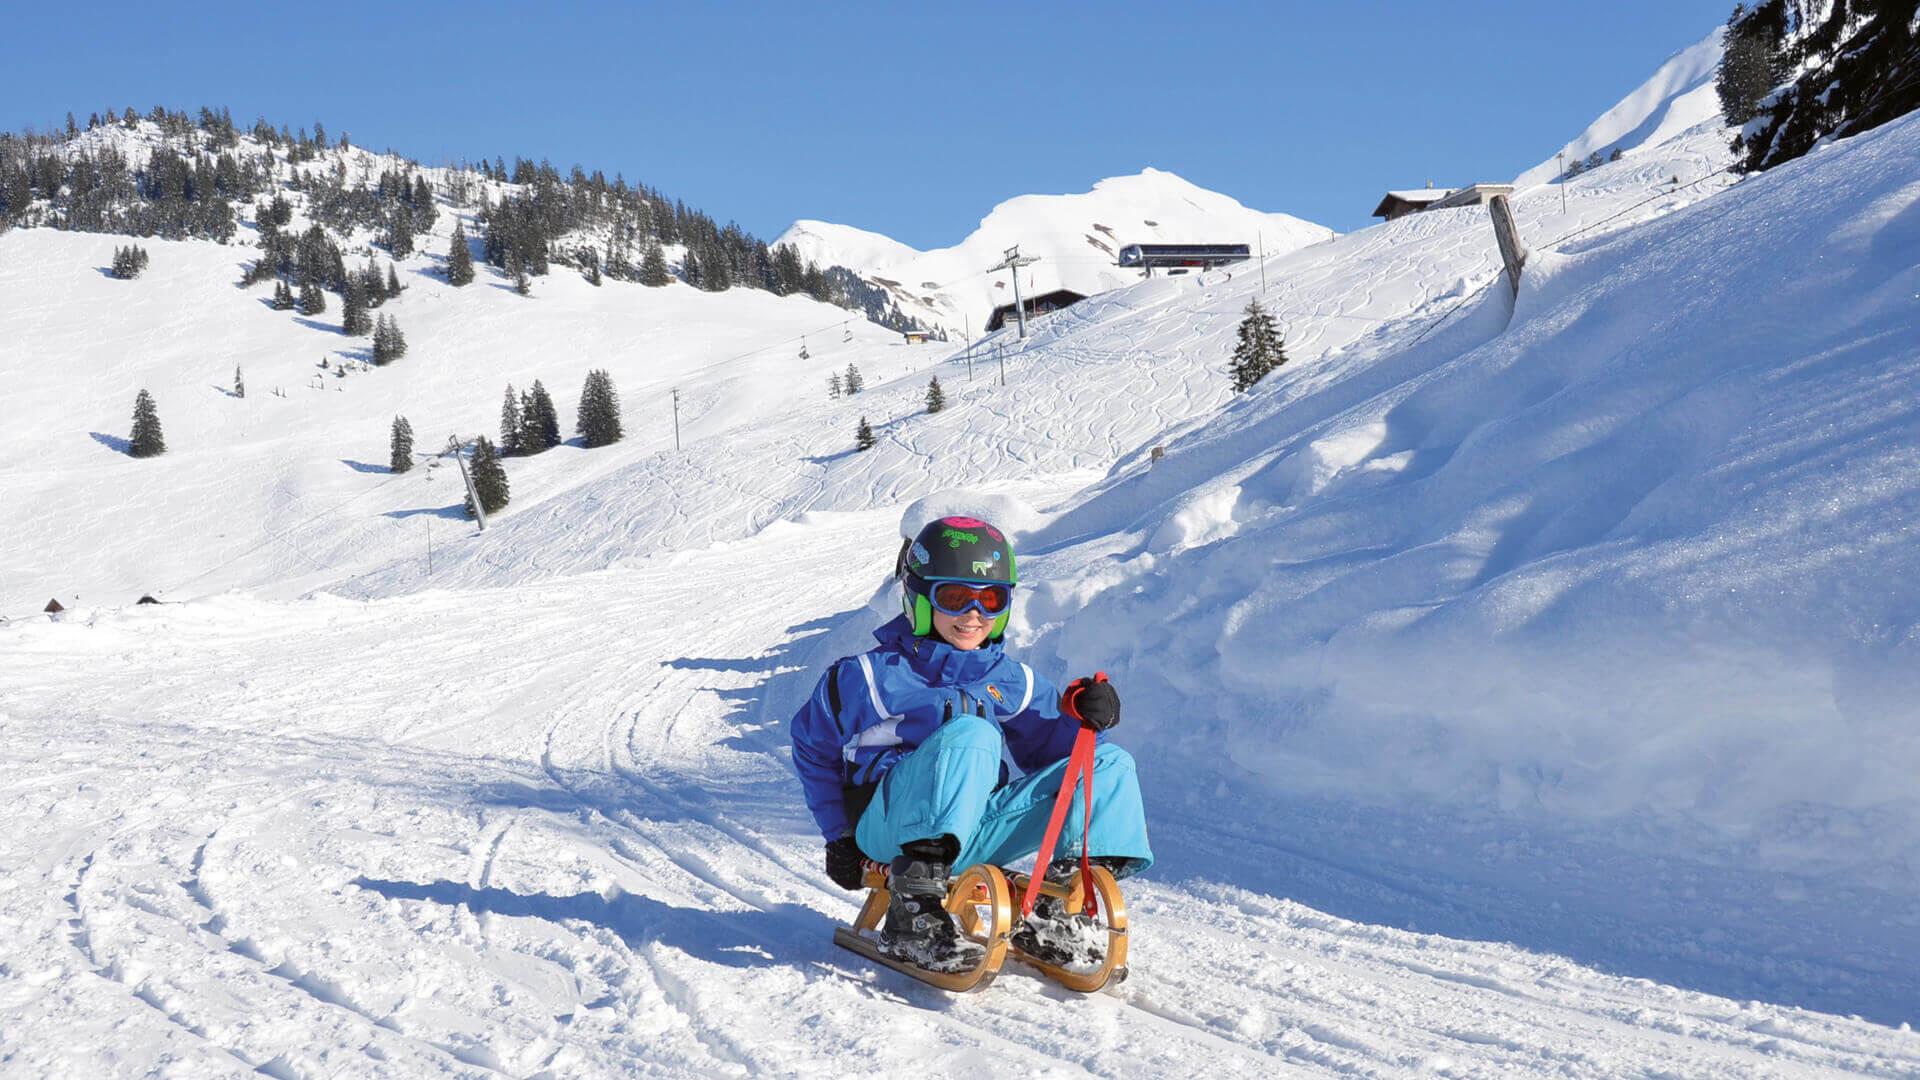 wiriehorn-schlitteln-kinder-himmel-blau-winteraktivitaet